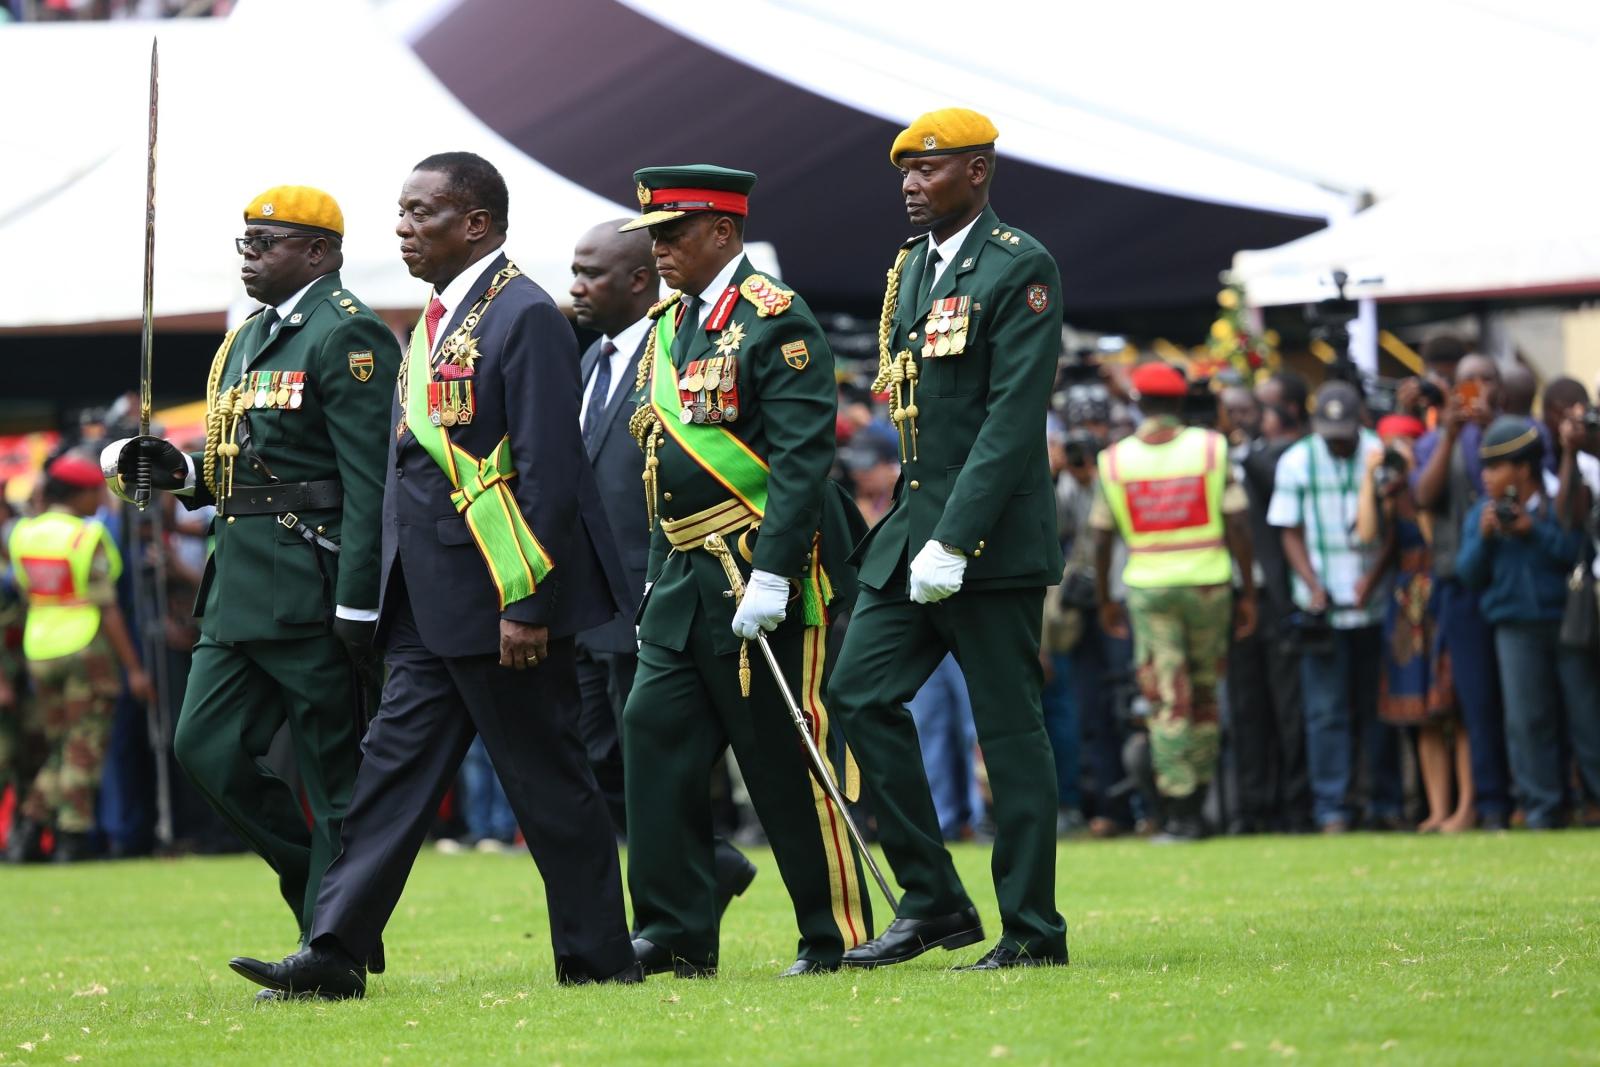 Zaprzysiężenie nowego prezydenta Emmersona Mnangagwy w Zimbabwe.